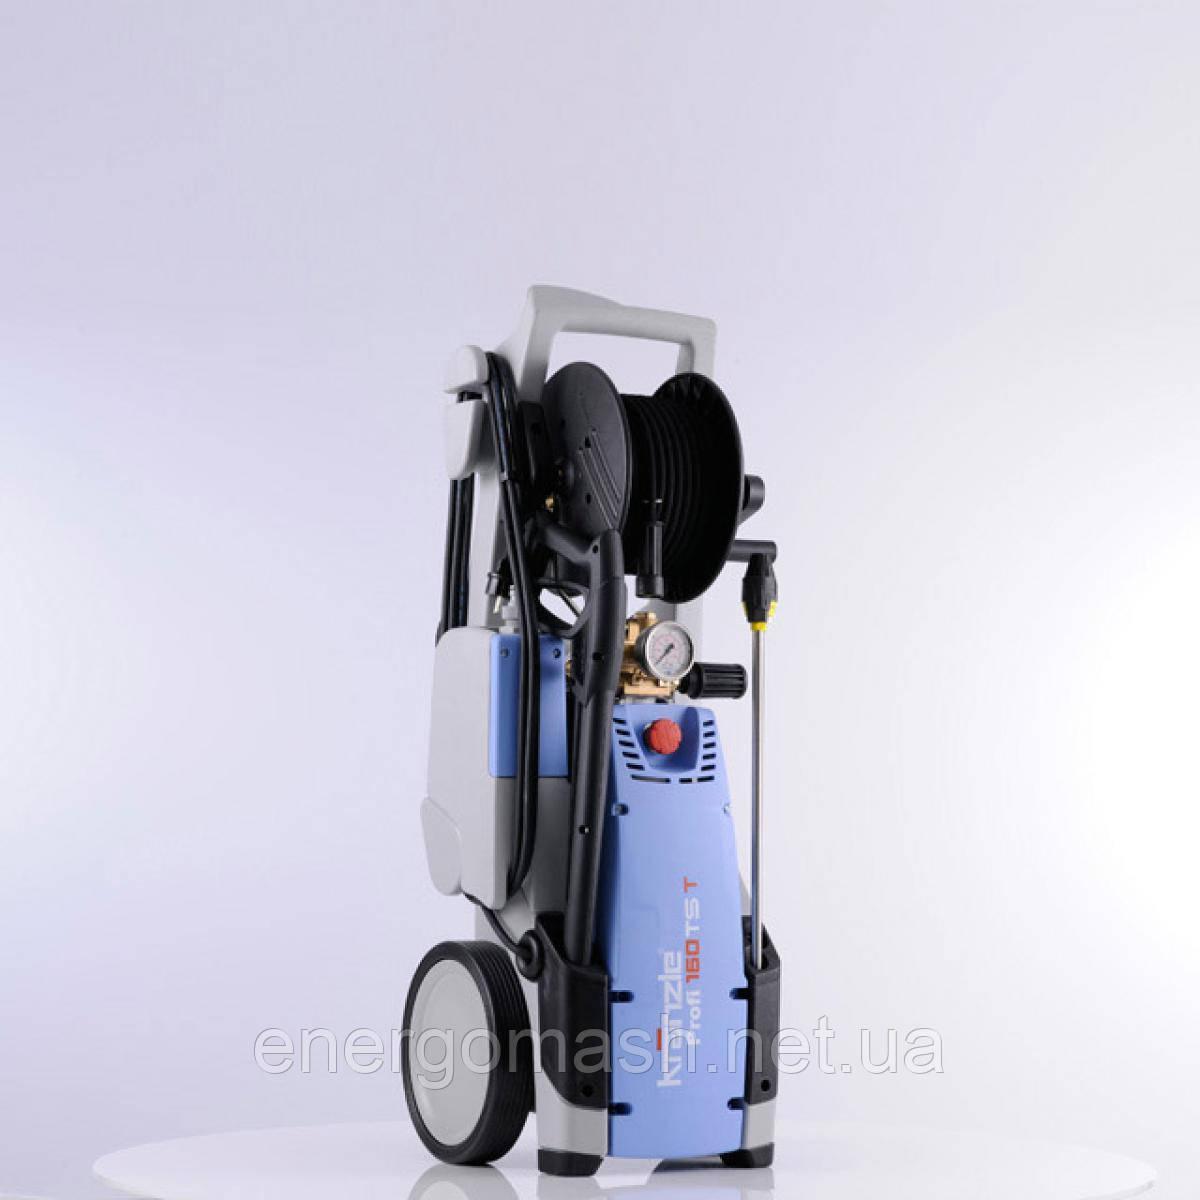 Апарат високого тиску Kranzle Profi 160 TS*T